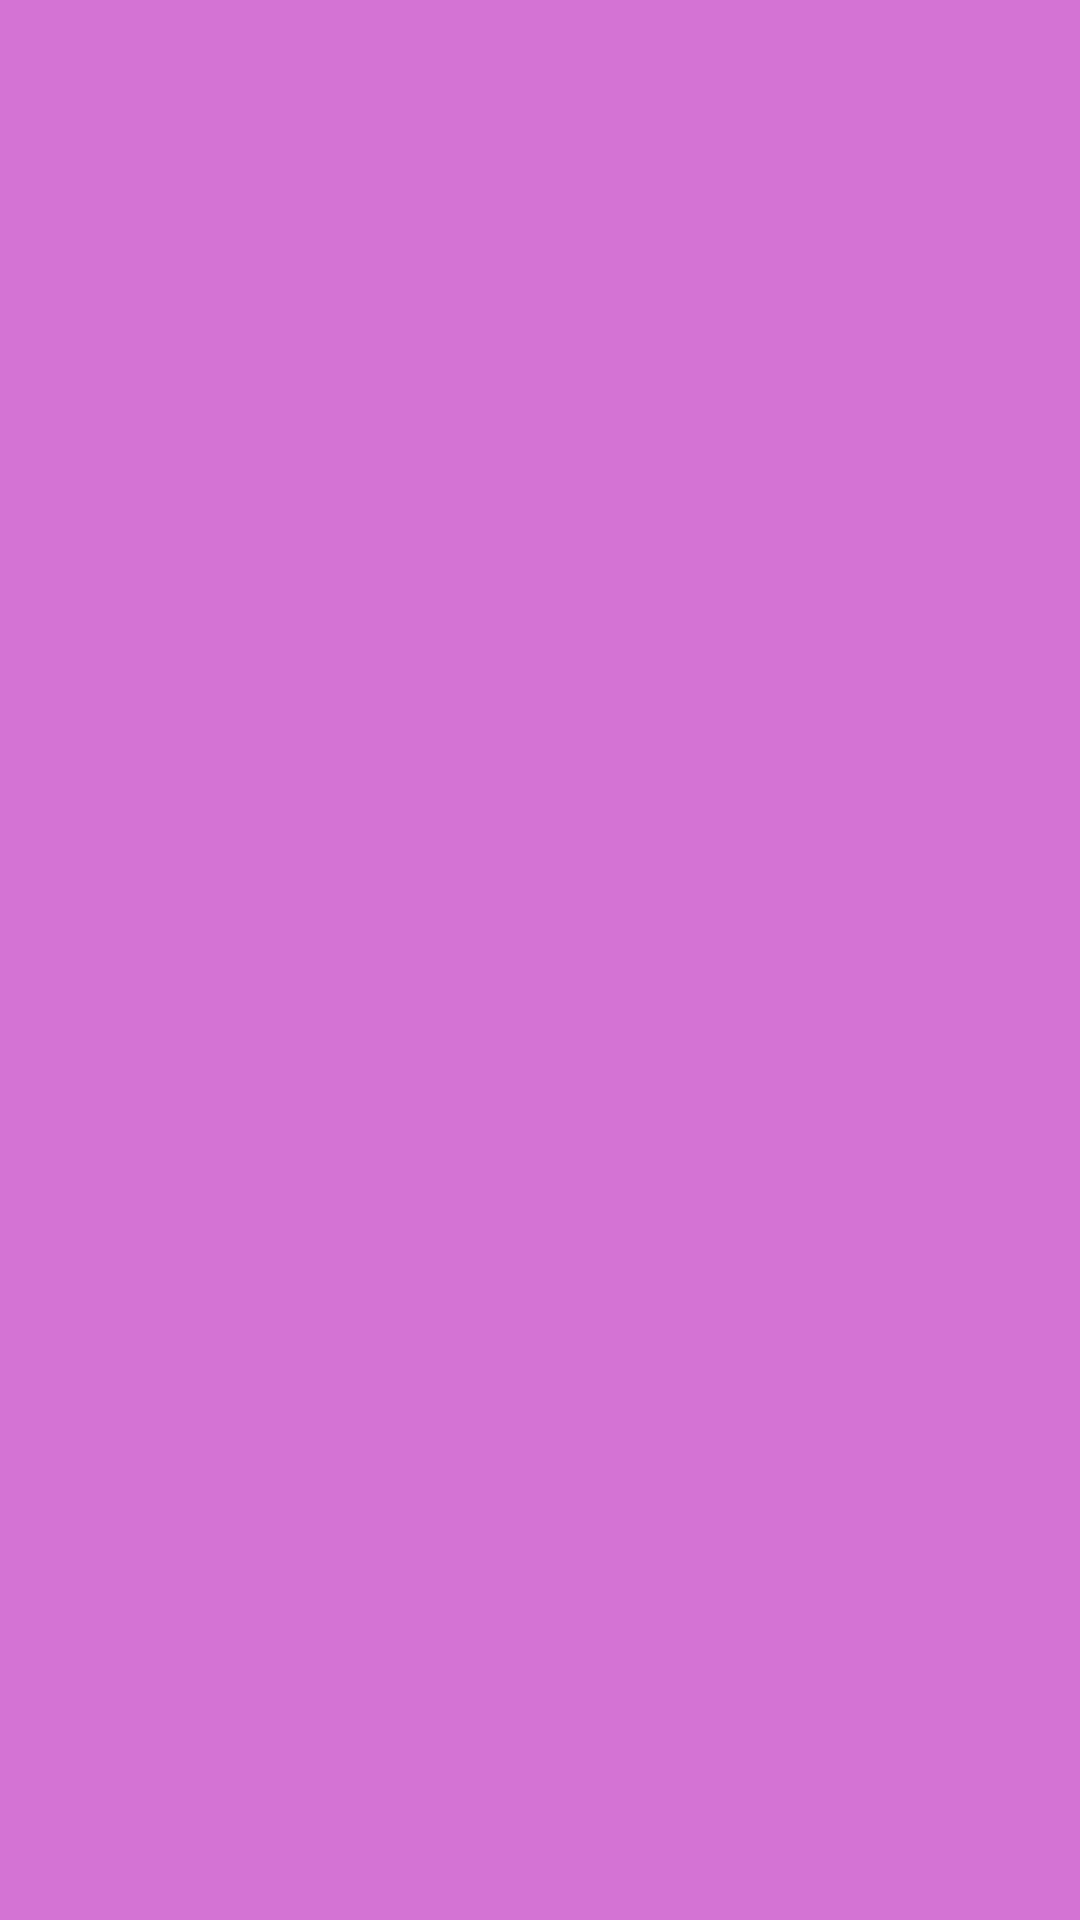 1080x1920 Deep Mauve Solid Color Background